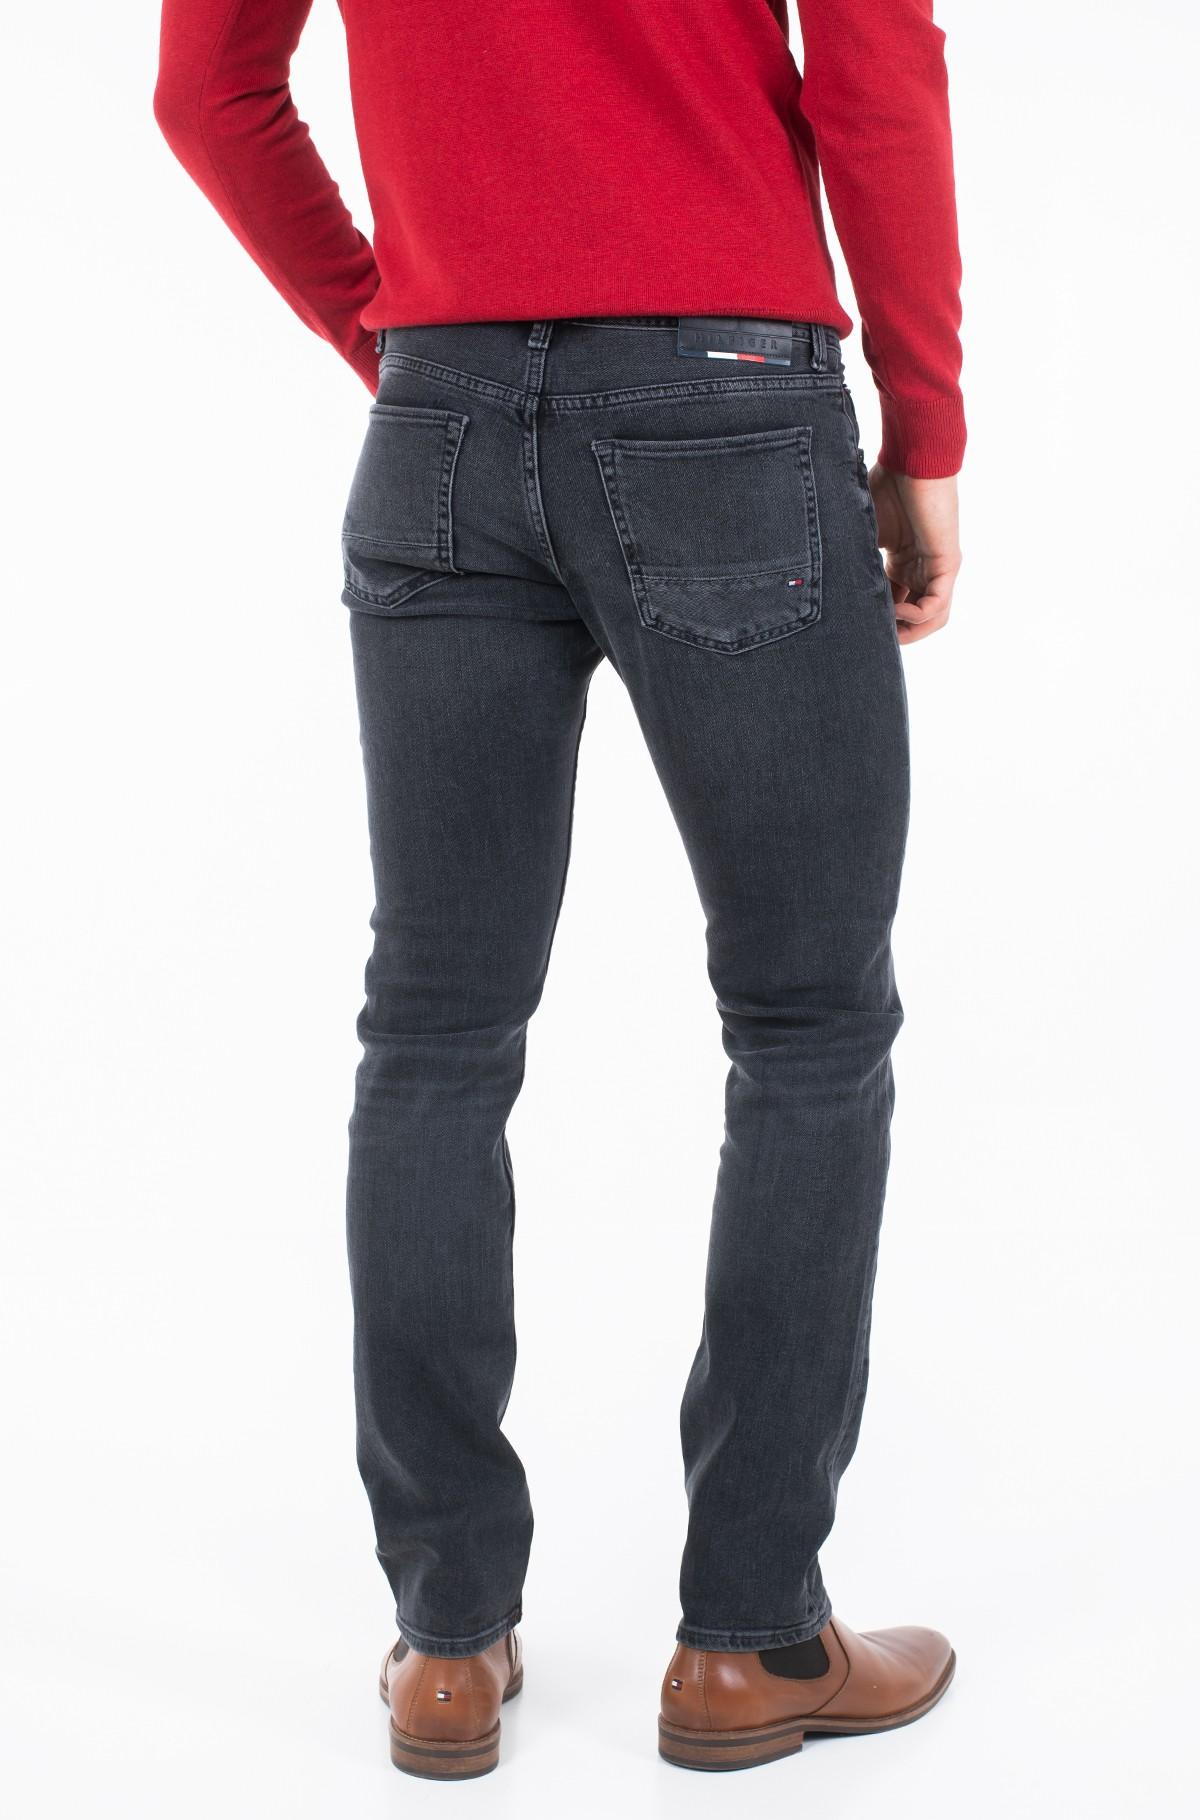 Džinsinės kelnės SLIM BLEECKER STR CODY BLACK-full-2